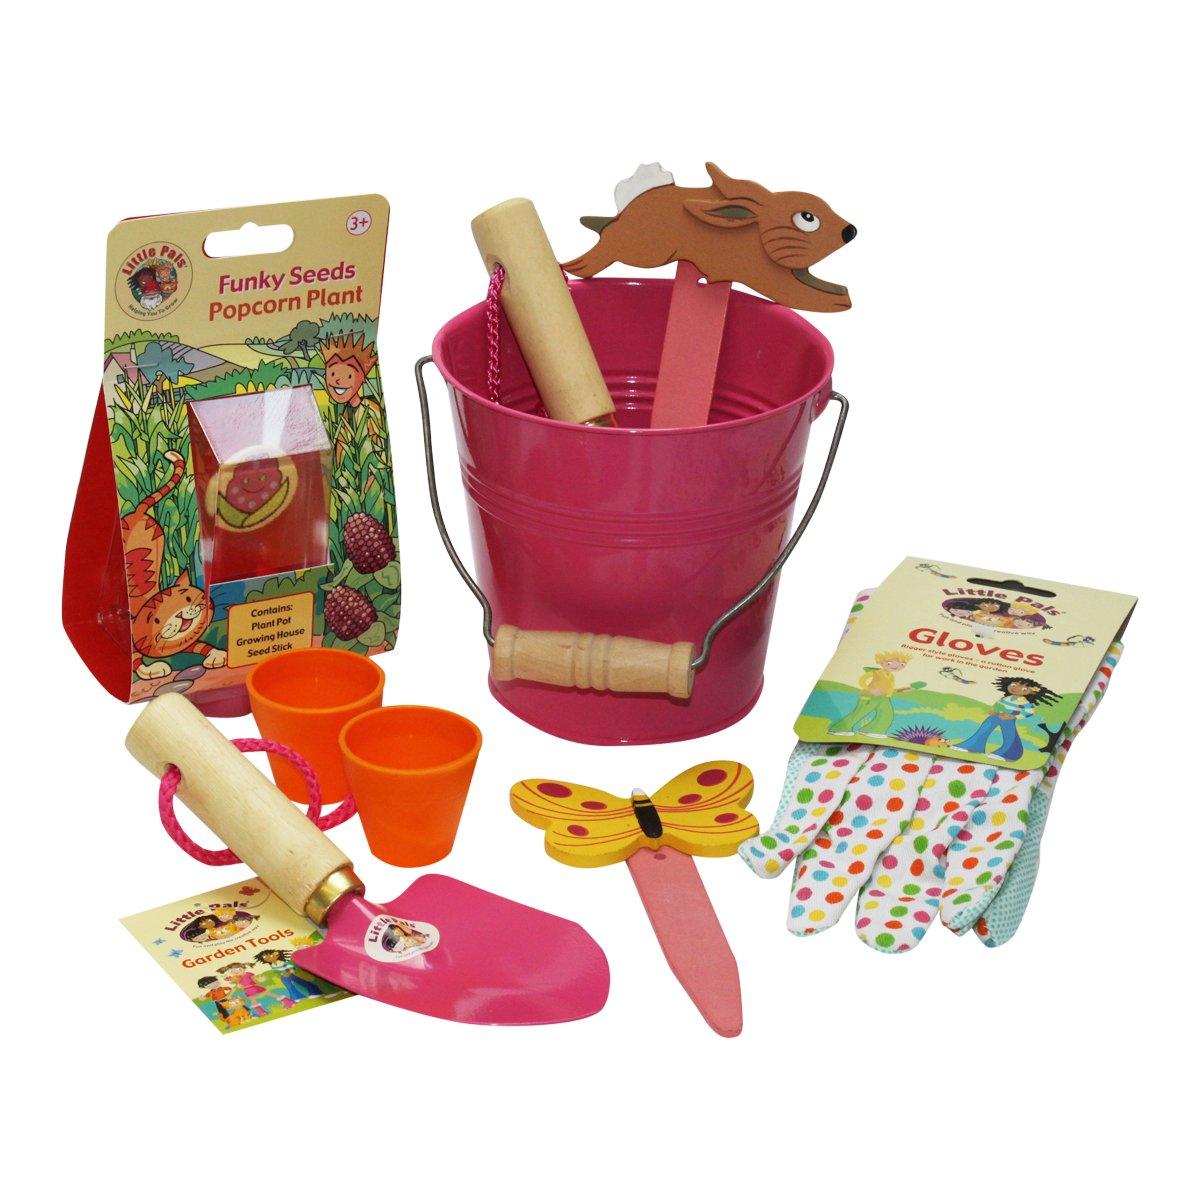 Little Pals Children's Gardening Kit - Bucket Fun, Pink, withKids Garden Tools, Gloves Popcorn Seeds LP173